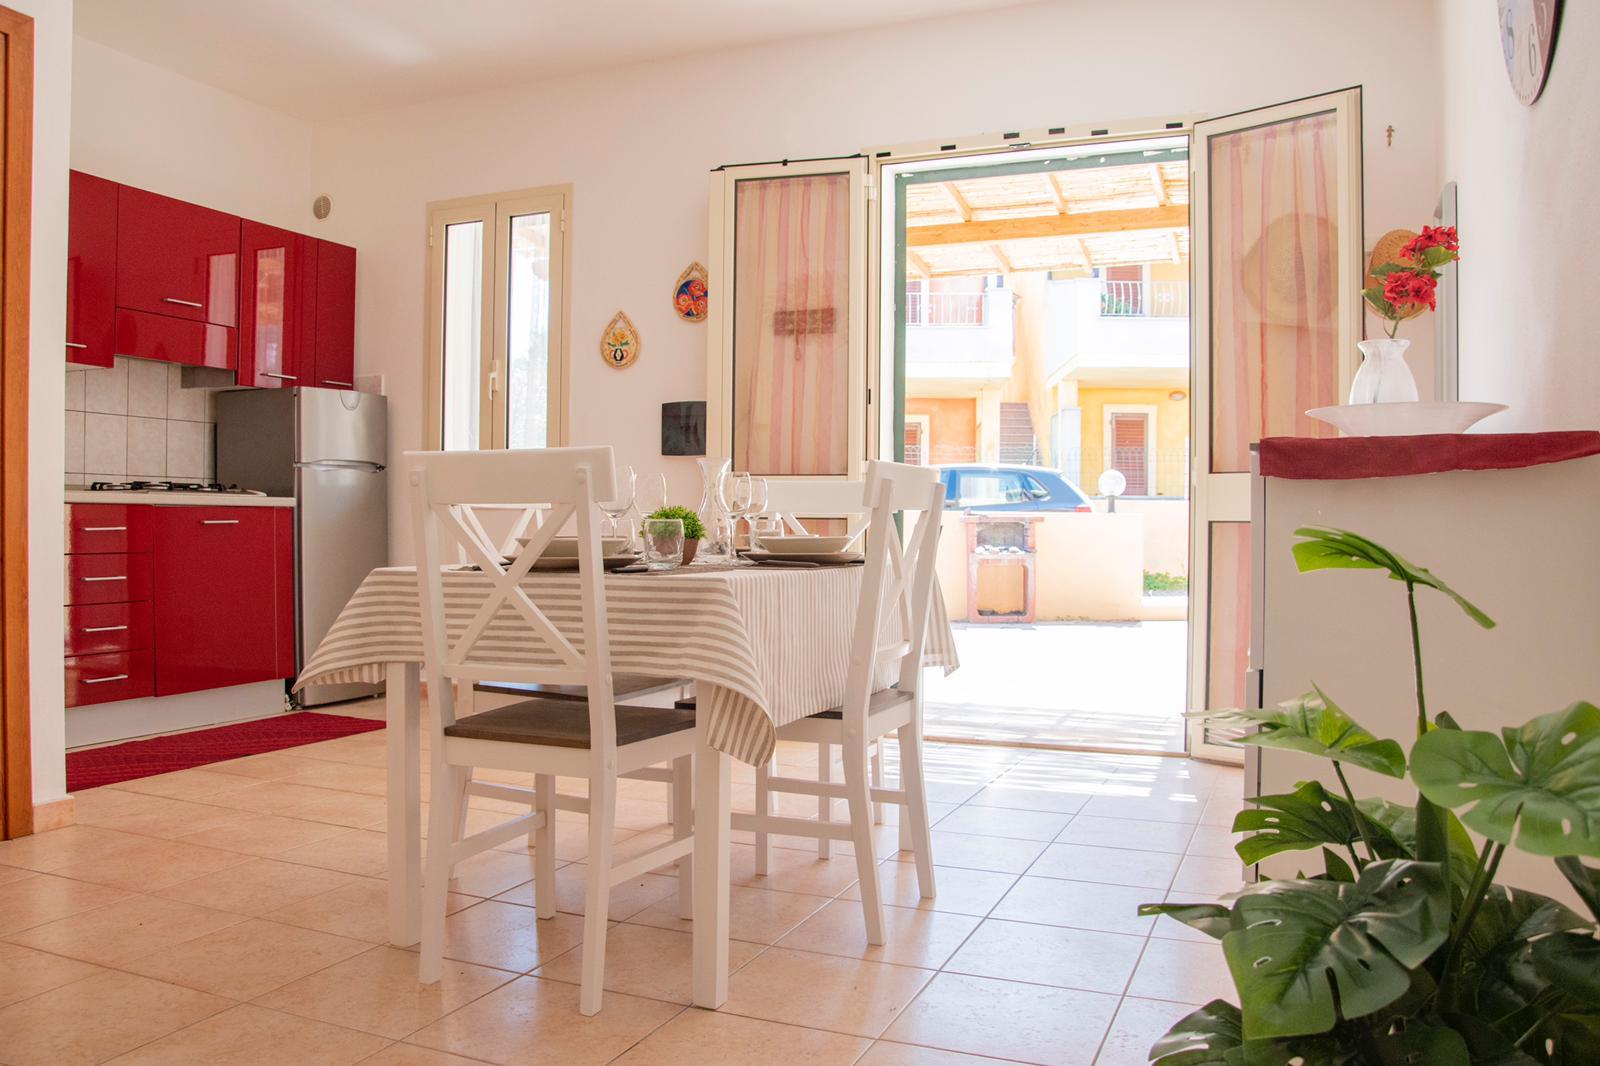 La Ciaccia Red Apartment, l'appartamento per le tue vacanze in Sardegna